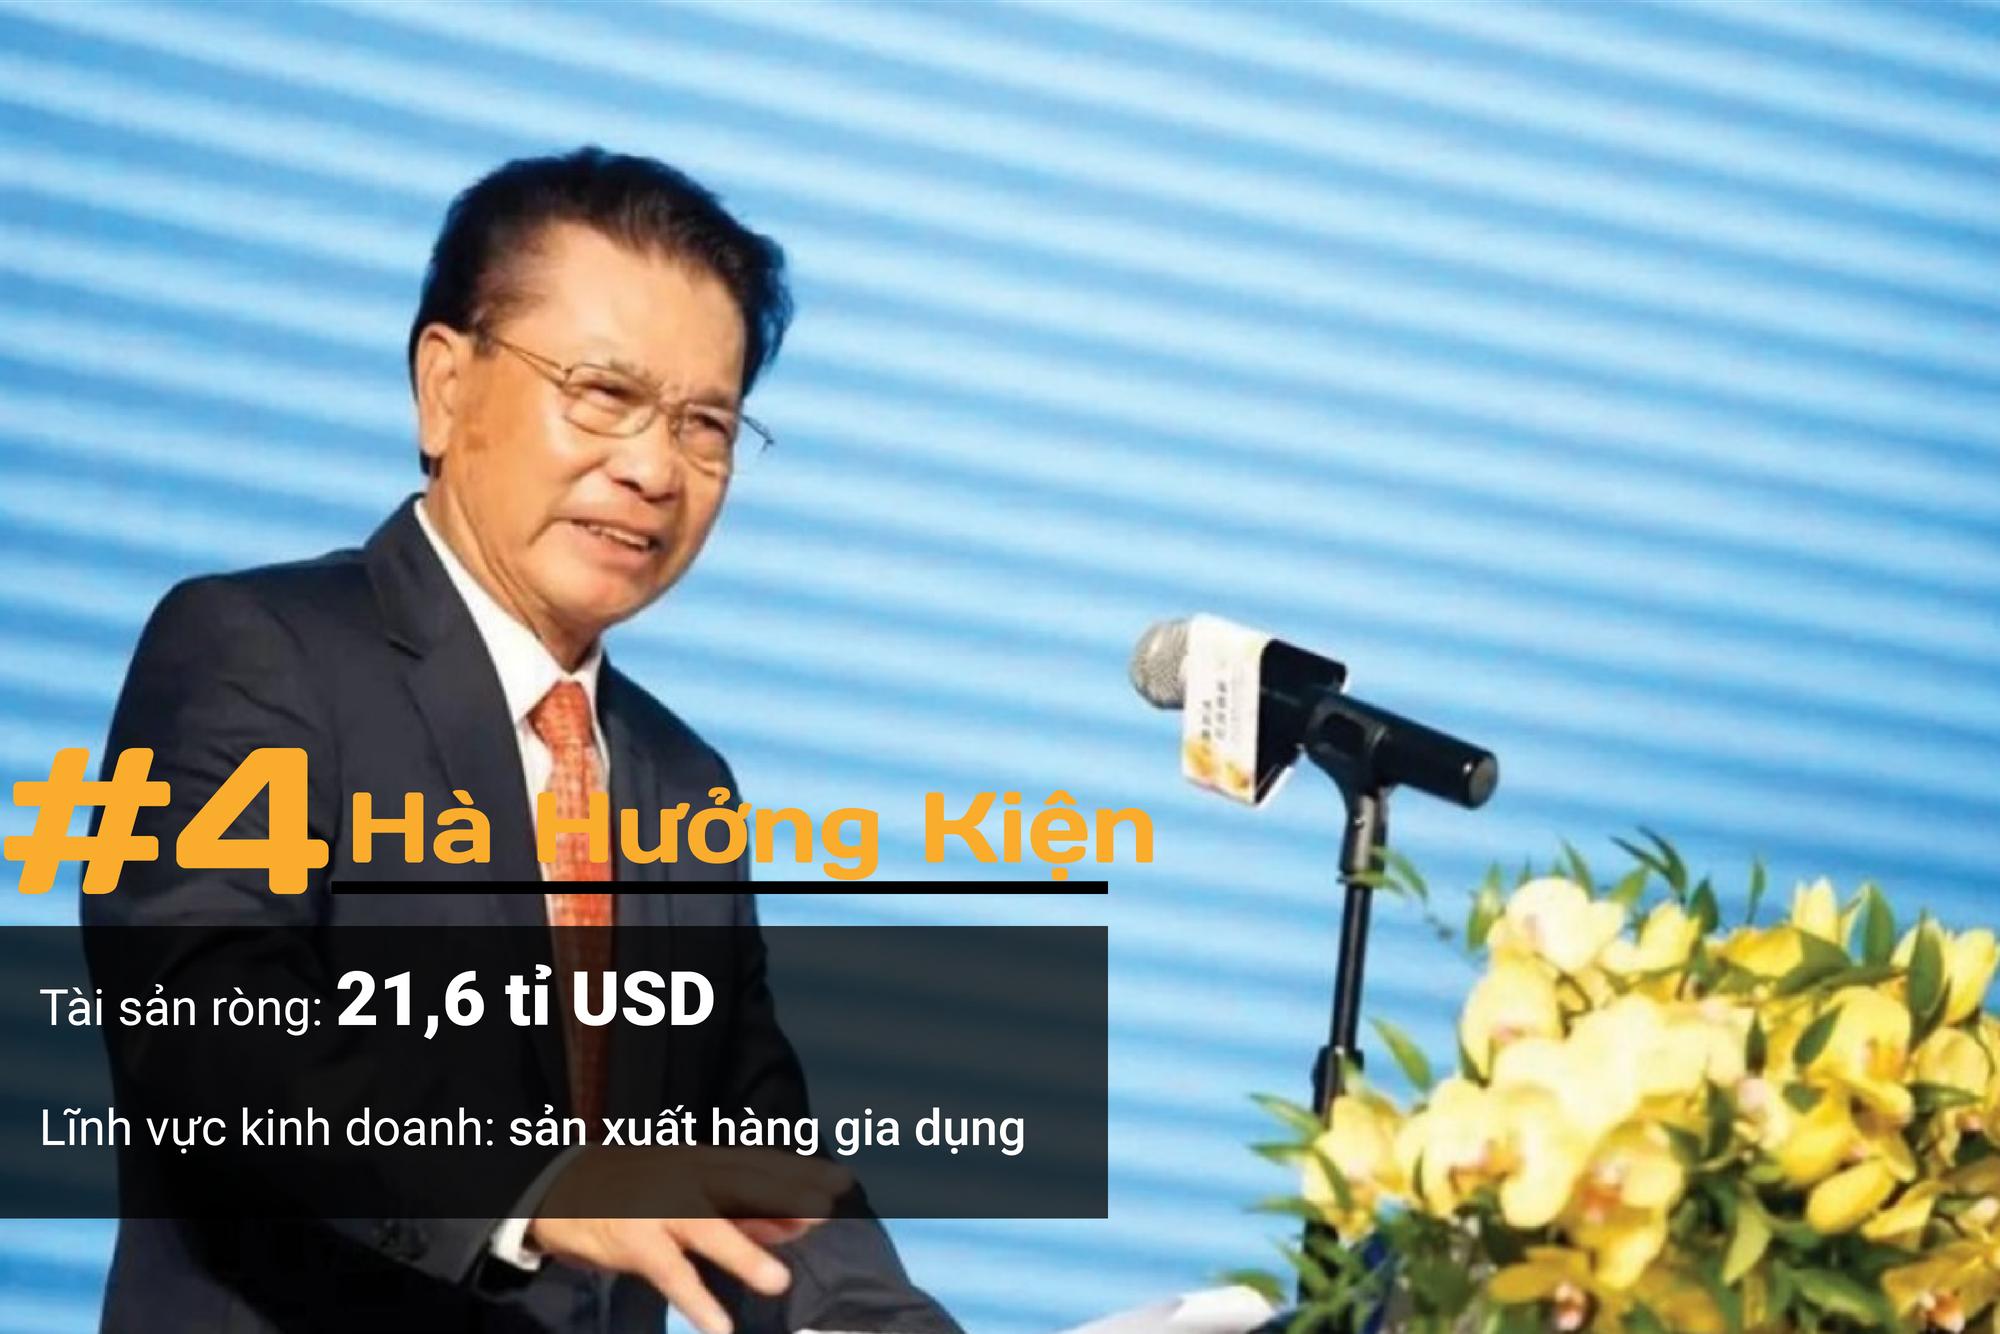 Jack Ma vẫn là người giàu nhất, Trung Quốc có tỉ phú nuôi heo - Ảnh 4.